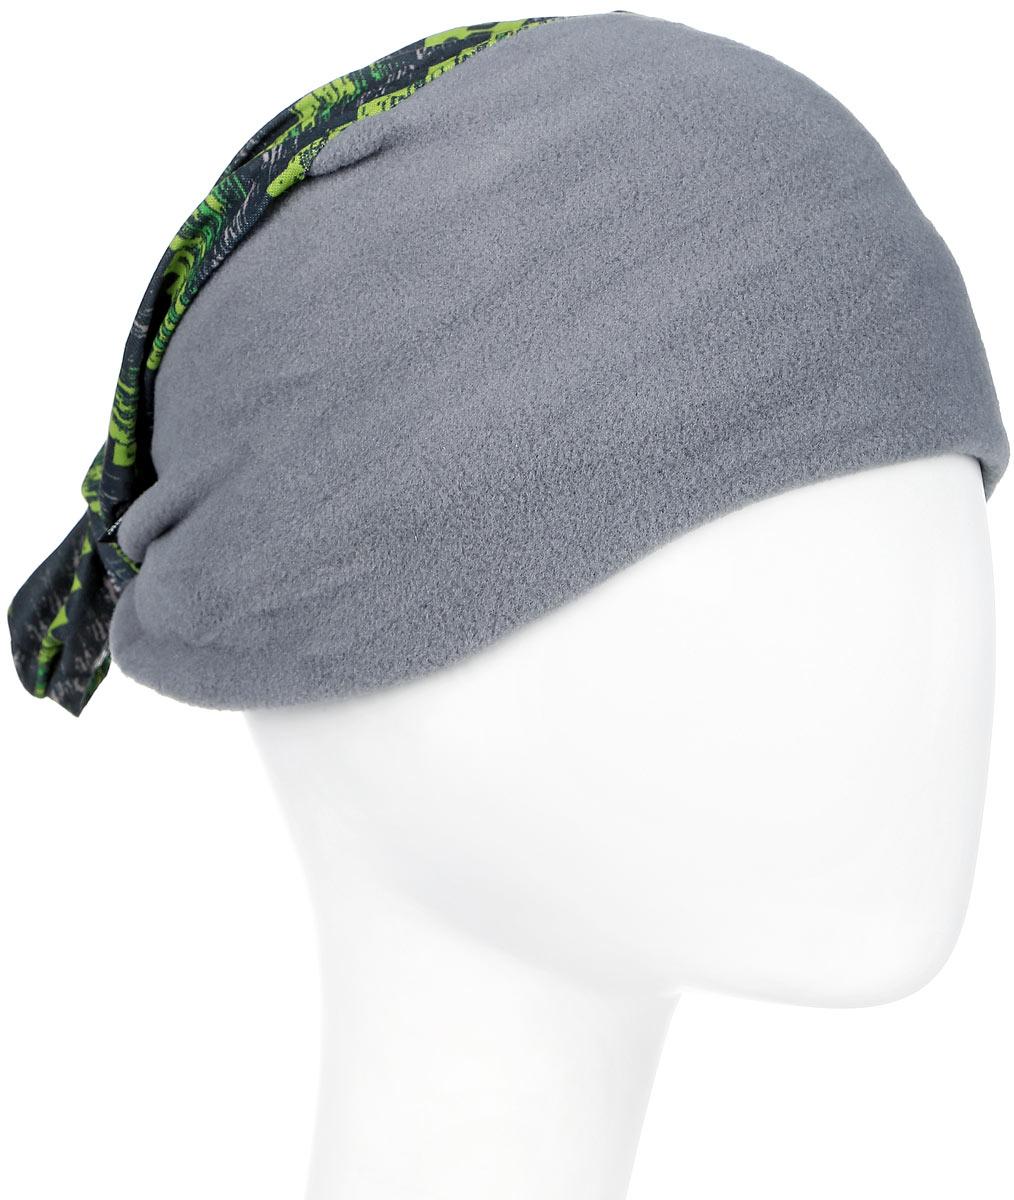 Бандана Buff Polar Von Green Flint-Green-Standard, цвет: хаки. 113108.845.10.00. Размер 53/62 см  - купить со скидкой